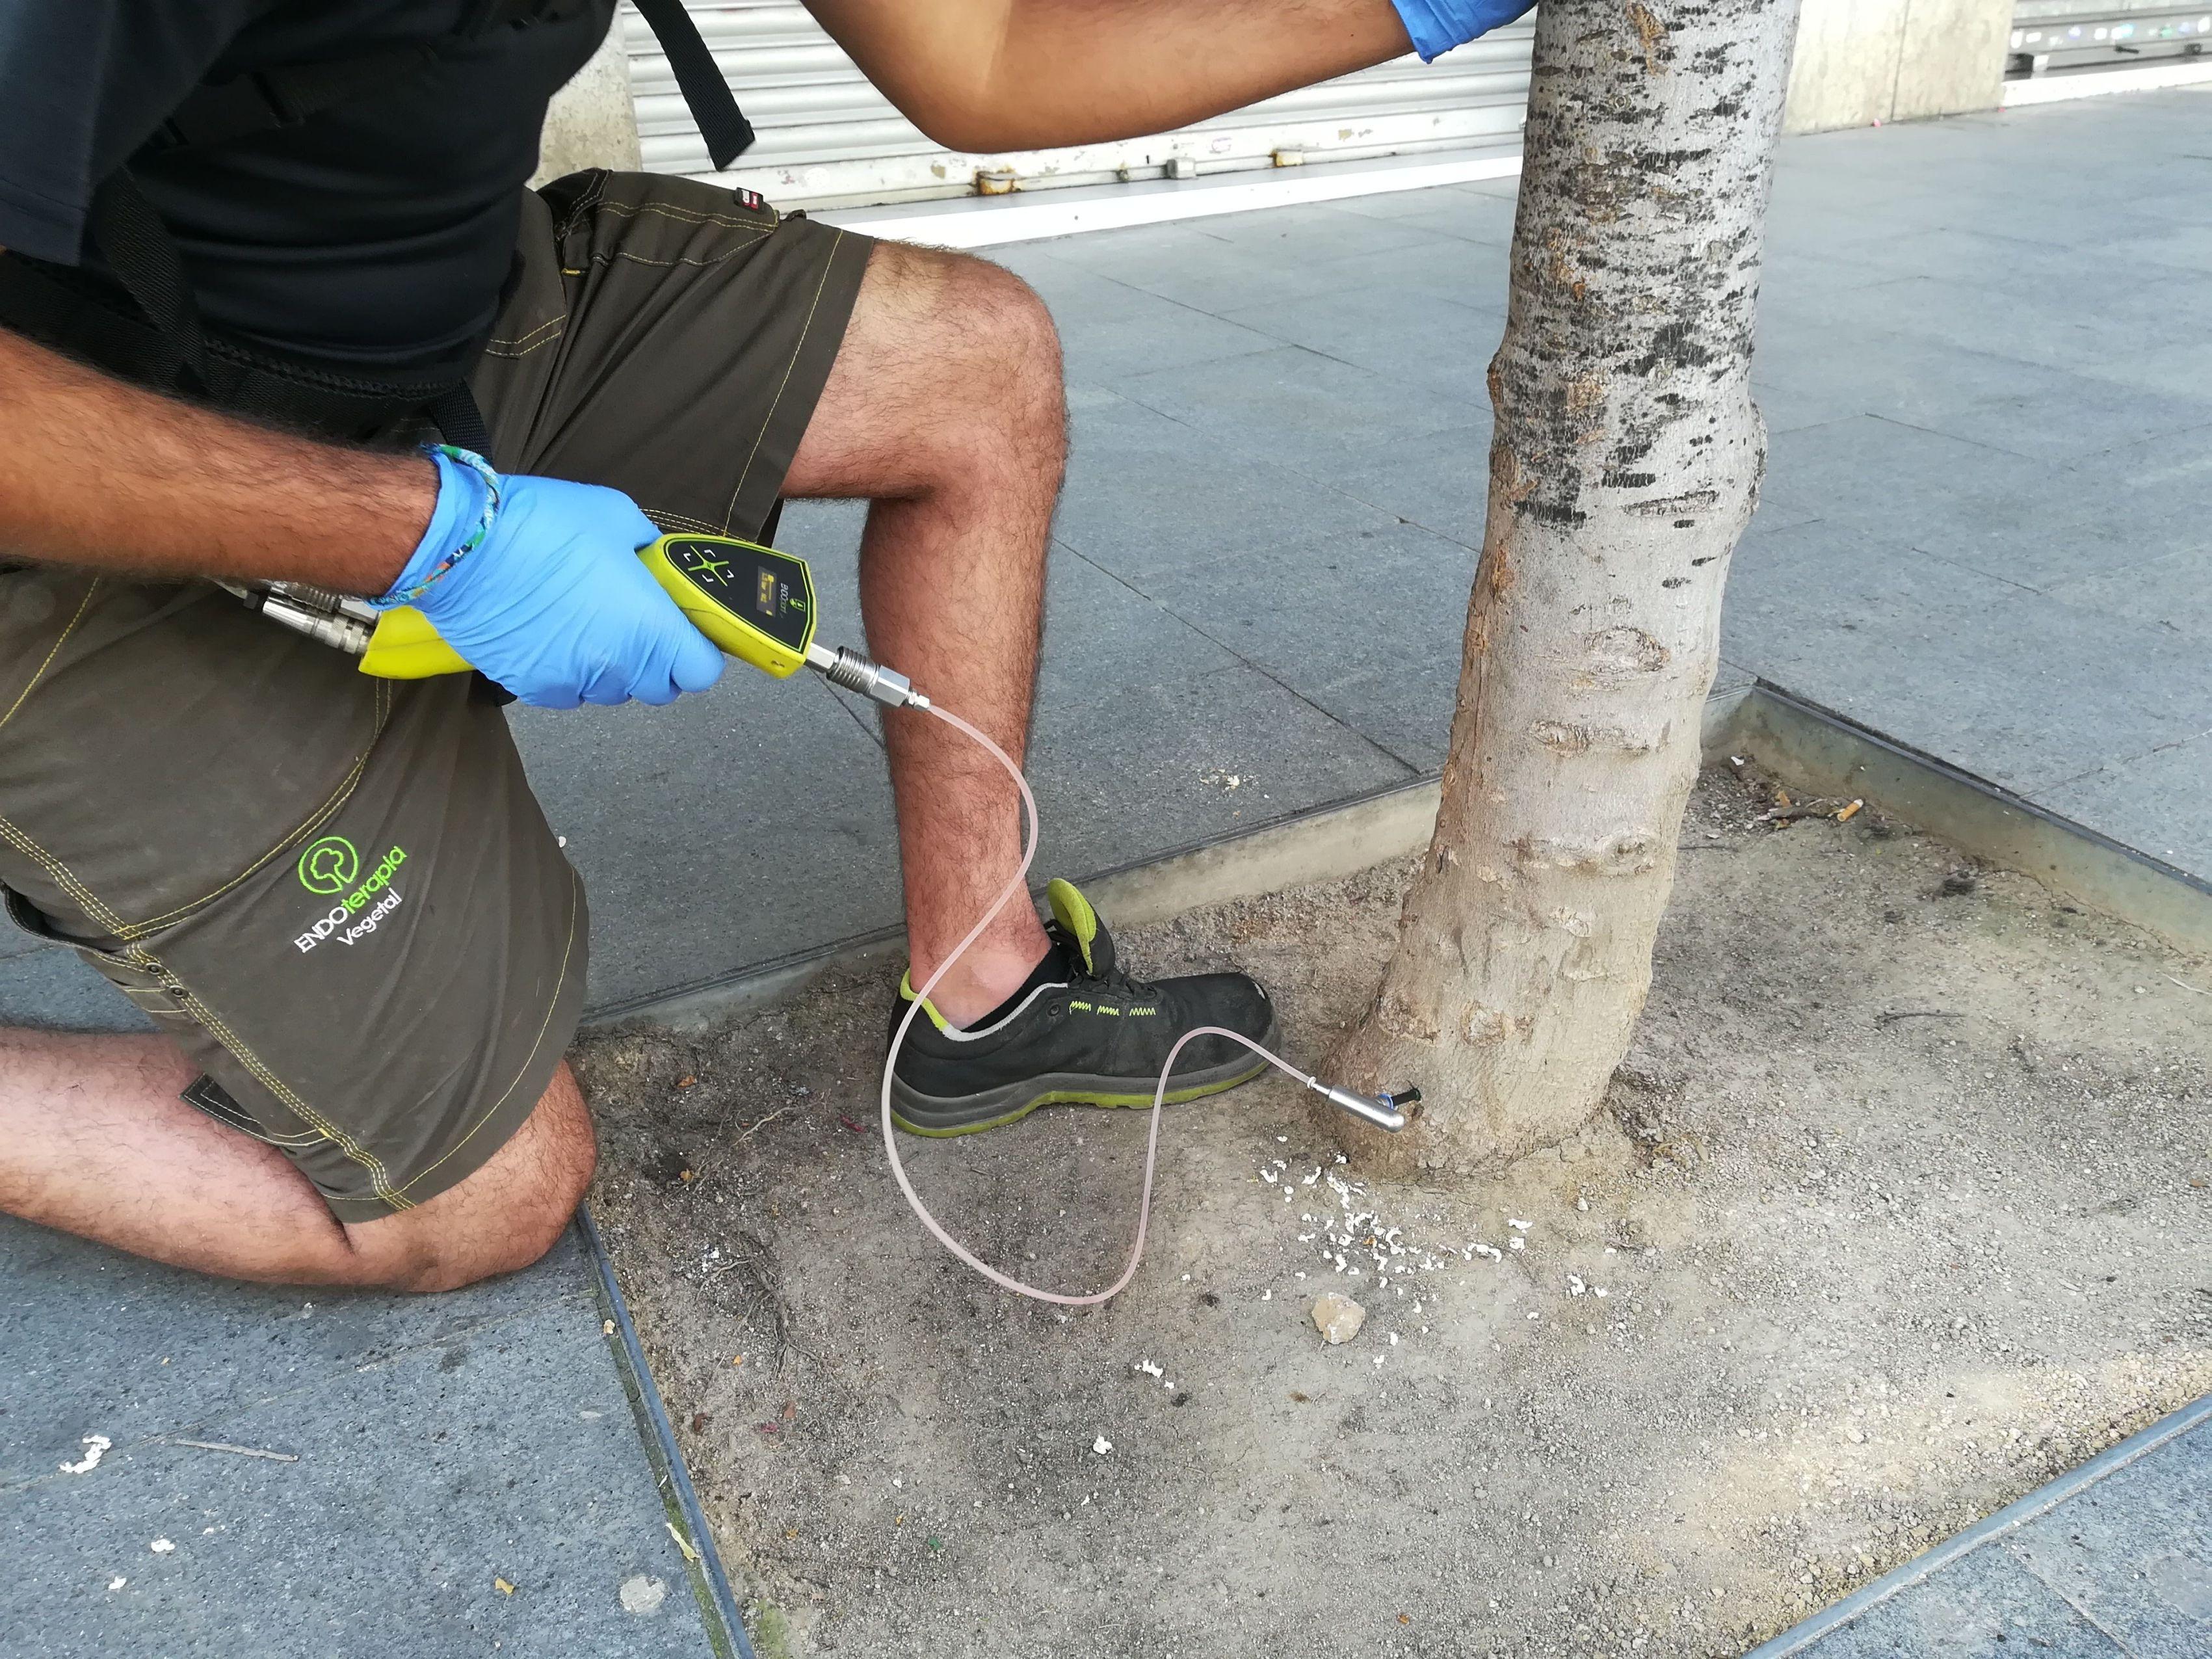 Injectant el tractament a l'arbre